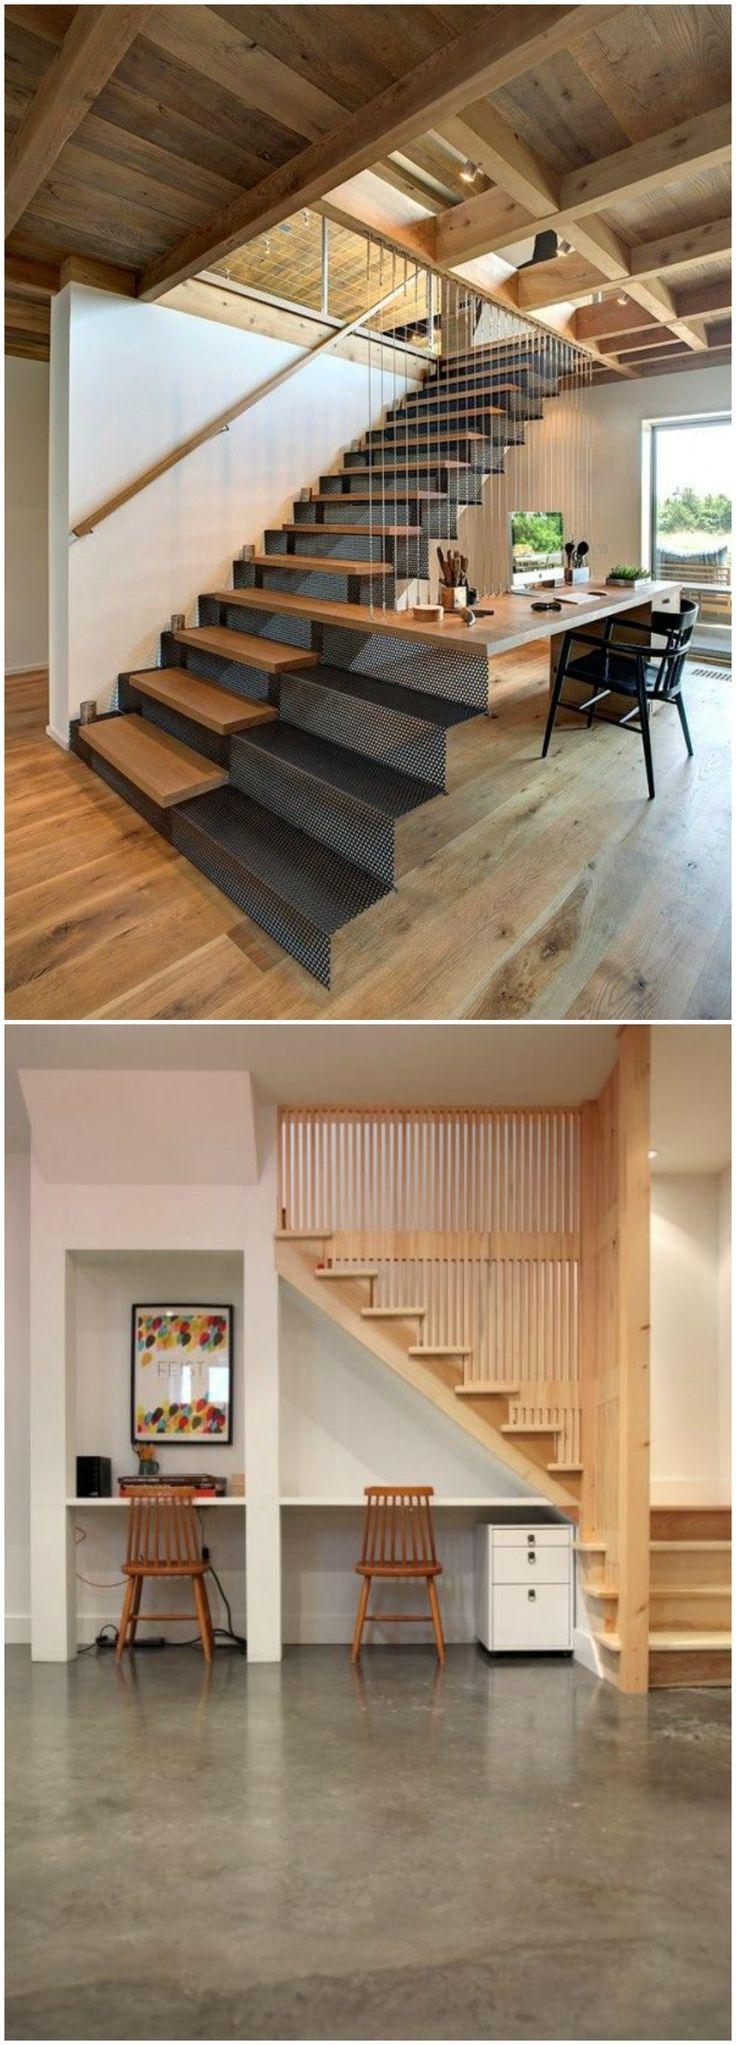 Las 25 mejores ideas sobre entrepiso en pinterest dormitorio en el entrepiso loft de - Casas con escaleras interiores ...